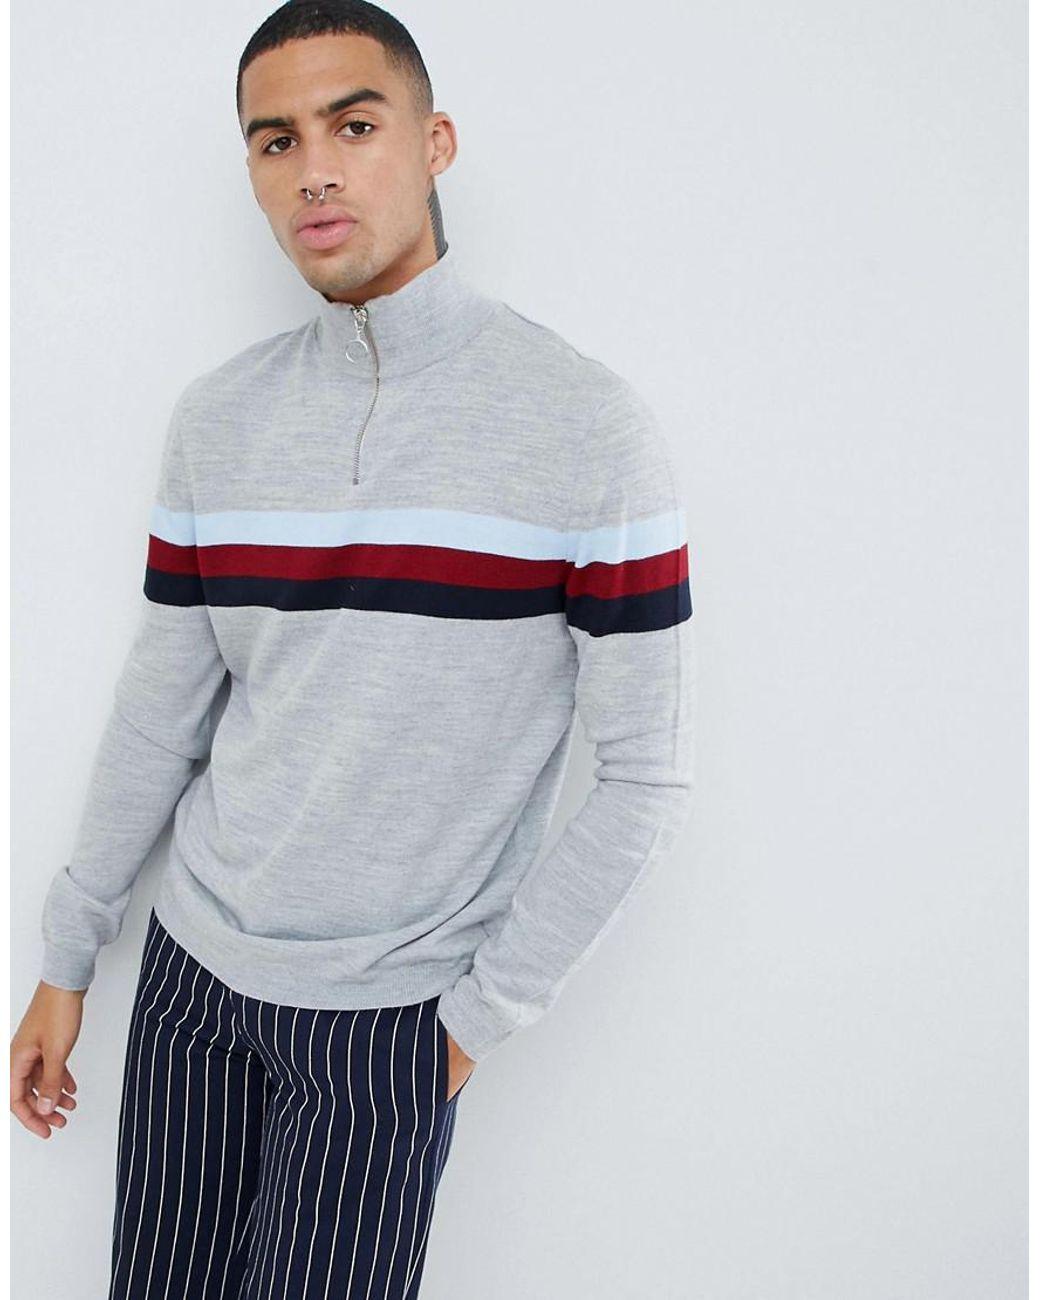 50d41a67c14 Lyst - ASOS Half Zip Color Block Sweater In Gray in Gray for Men